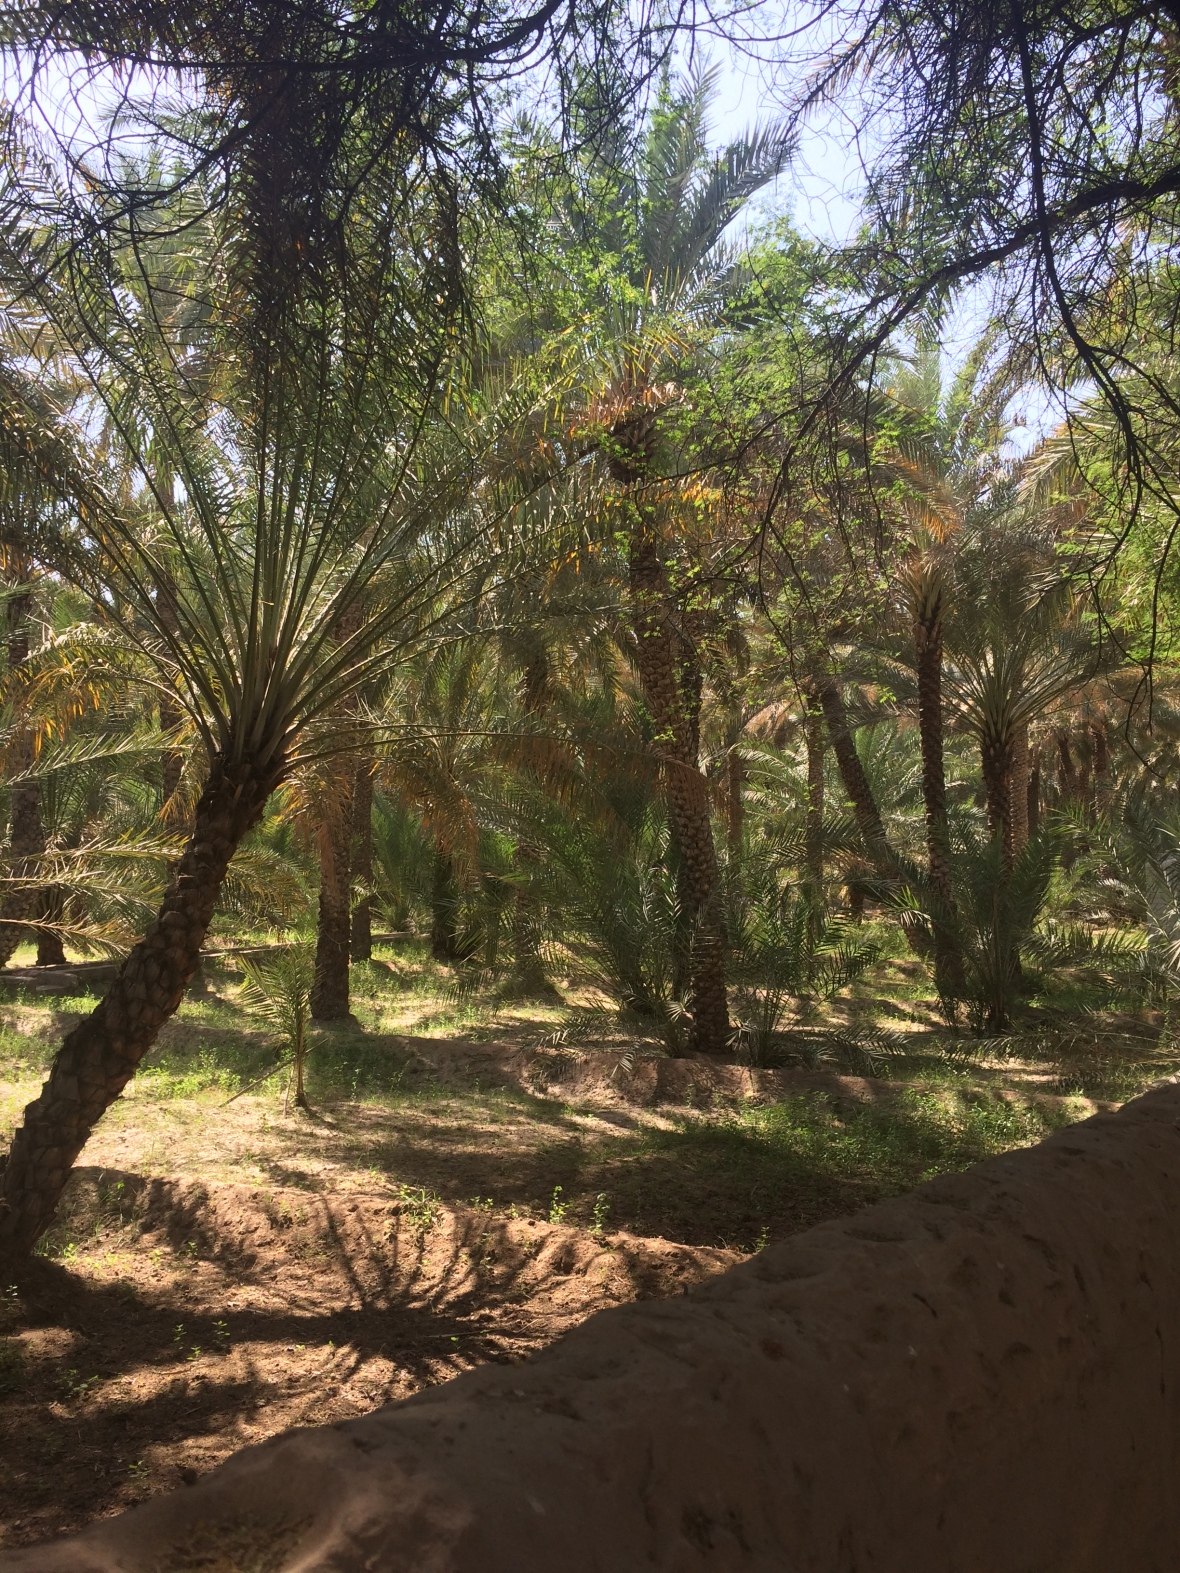 Al Ain Oasis, Al Ain, UAE